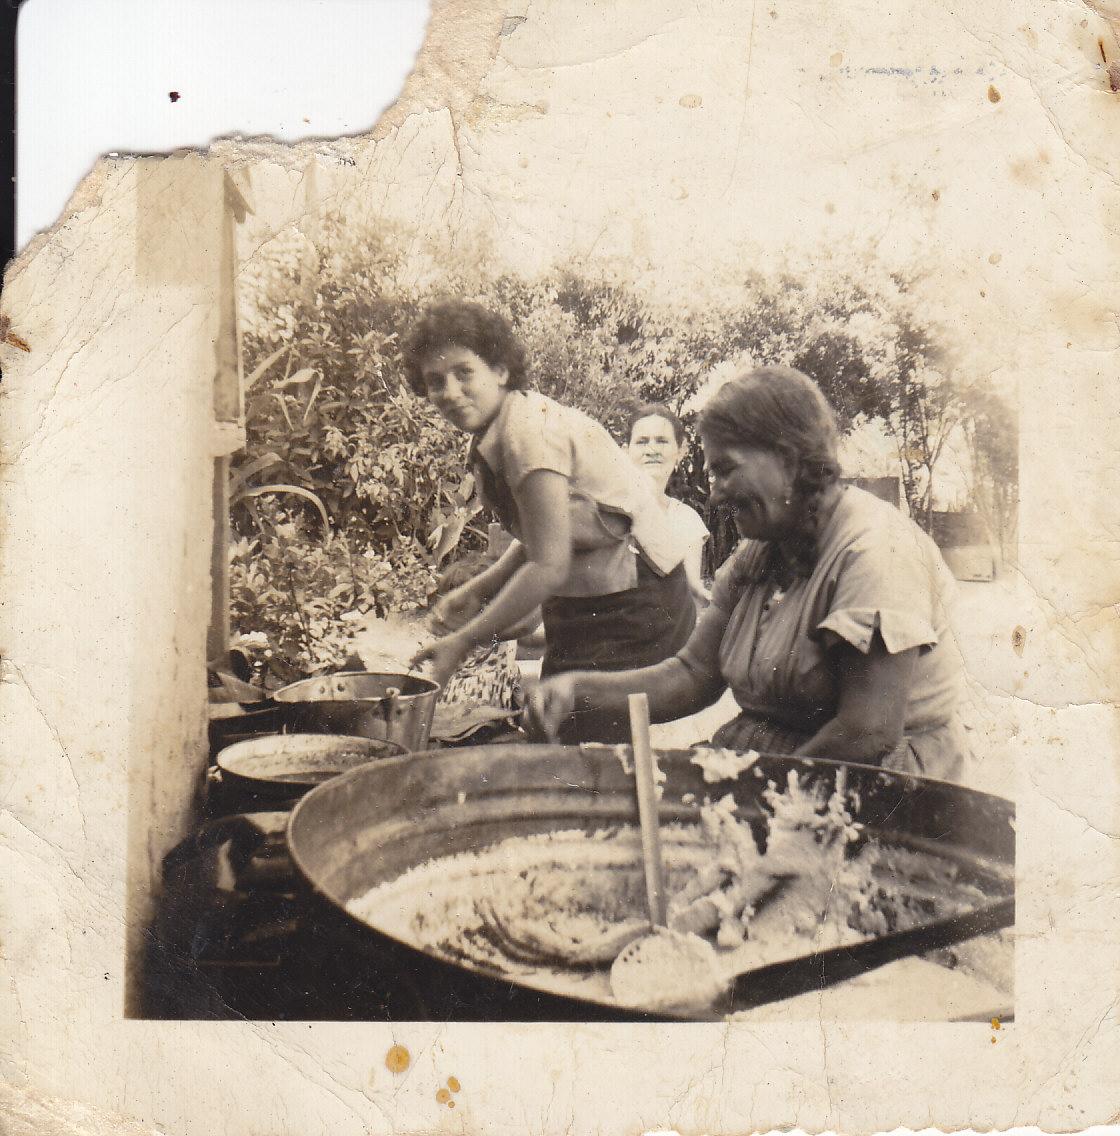 Haciendo tamales